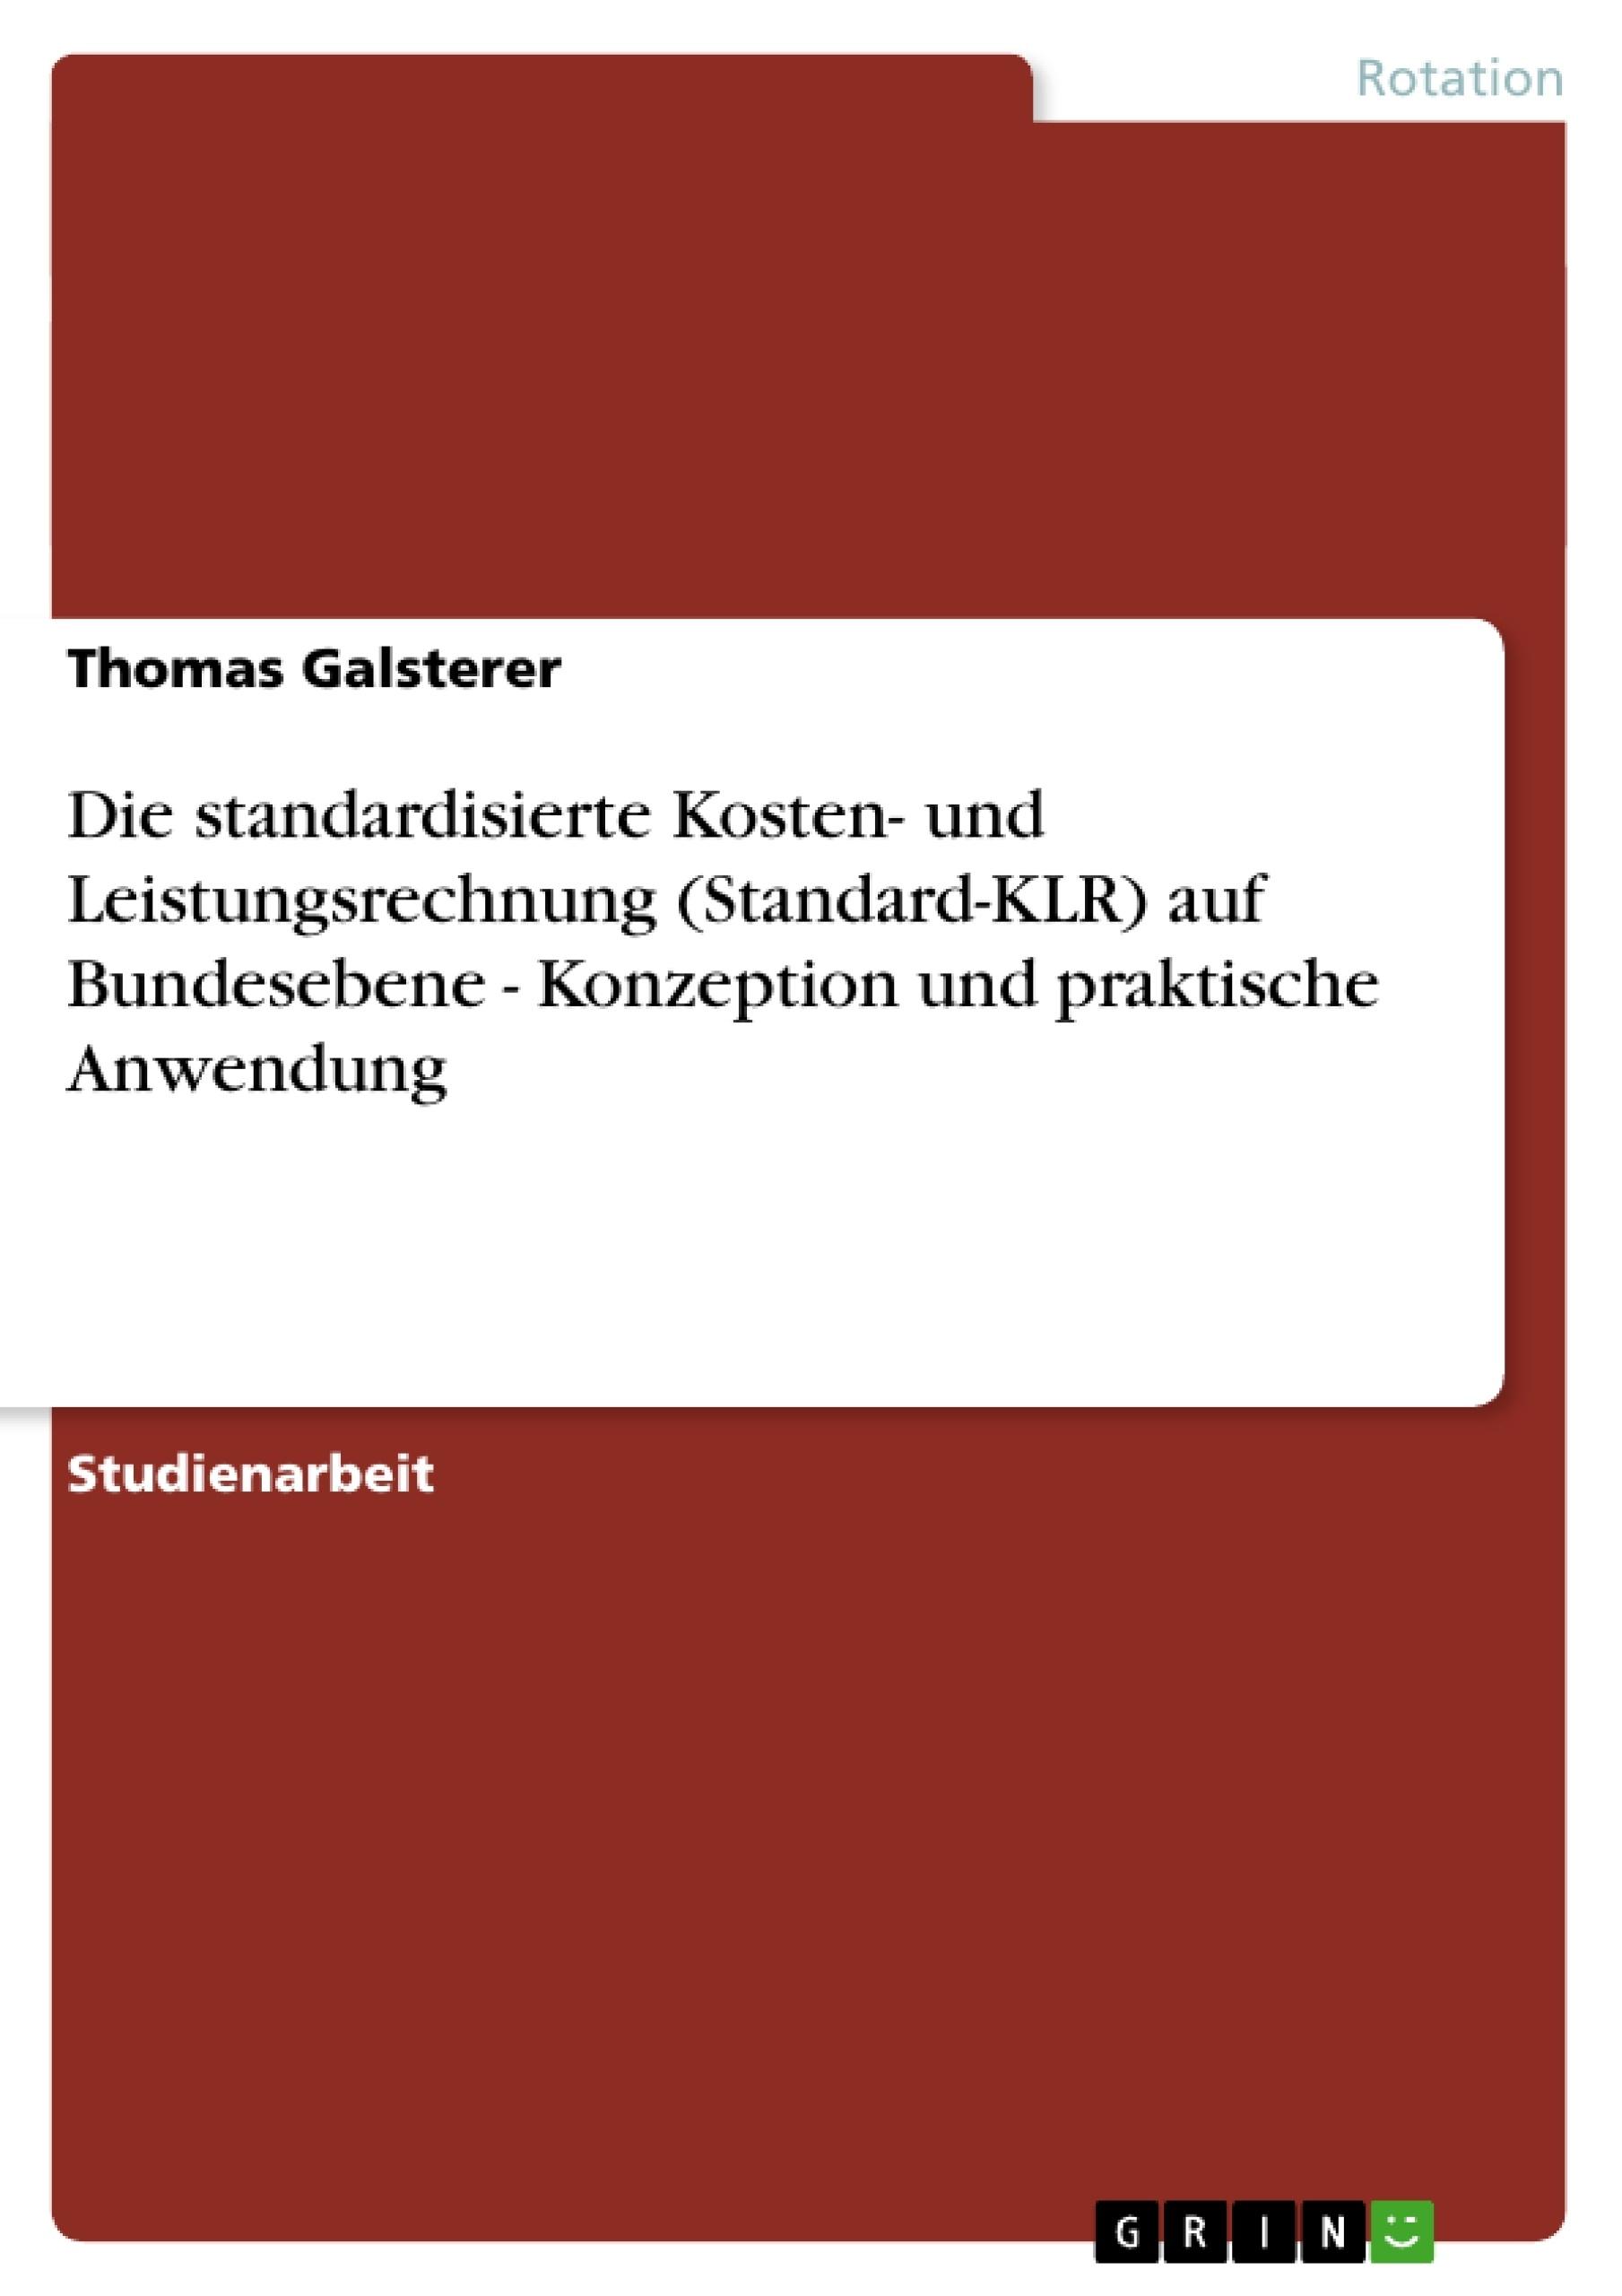 Titel: Die standardisierte Kosten- und Leistungsrechnung (Standard-KLR) auf Bundesebene - Konzeption und praktische Anwendung